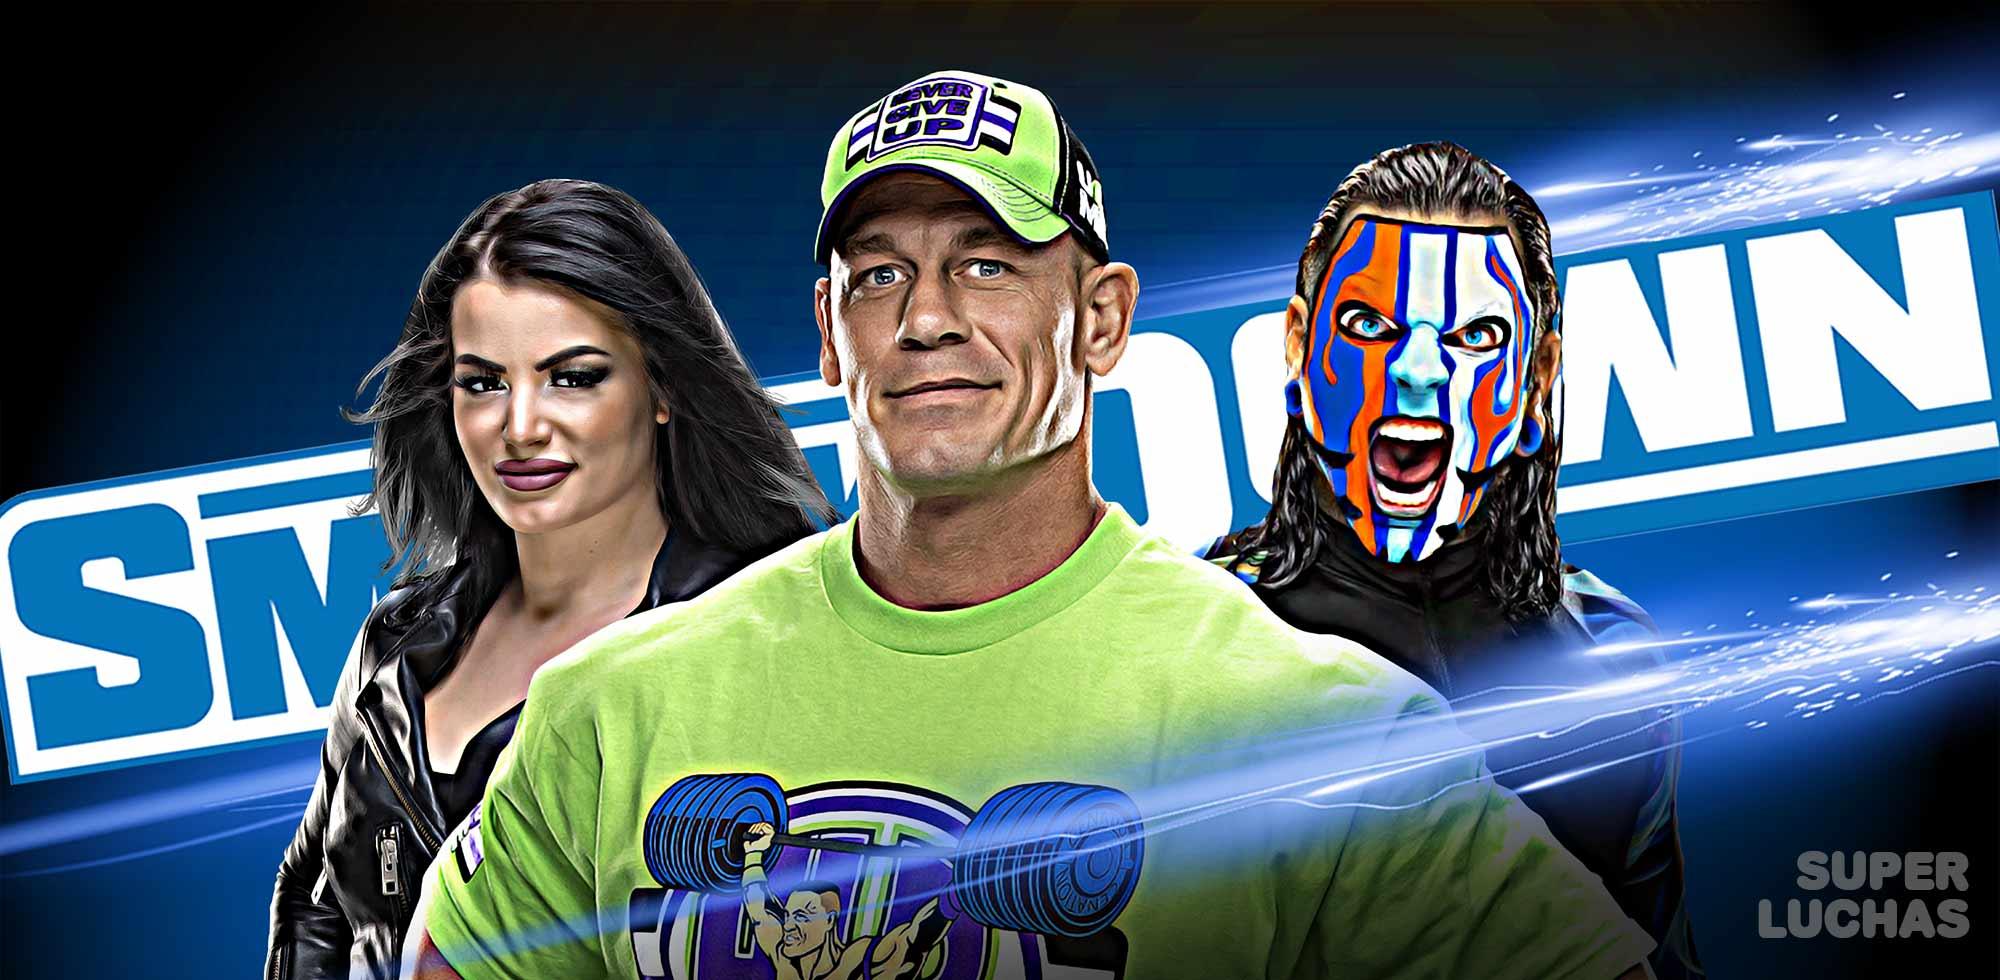 Resultados WWE SmackDown 13 de marzo 2020